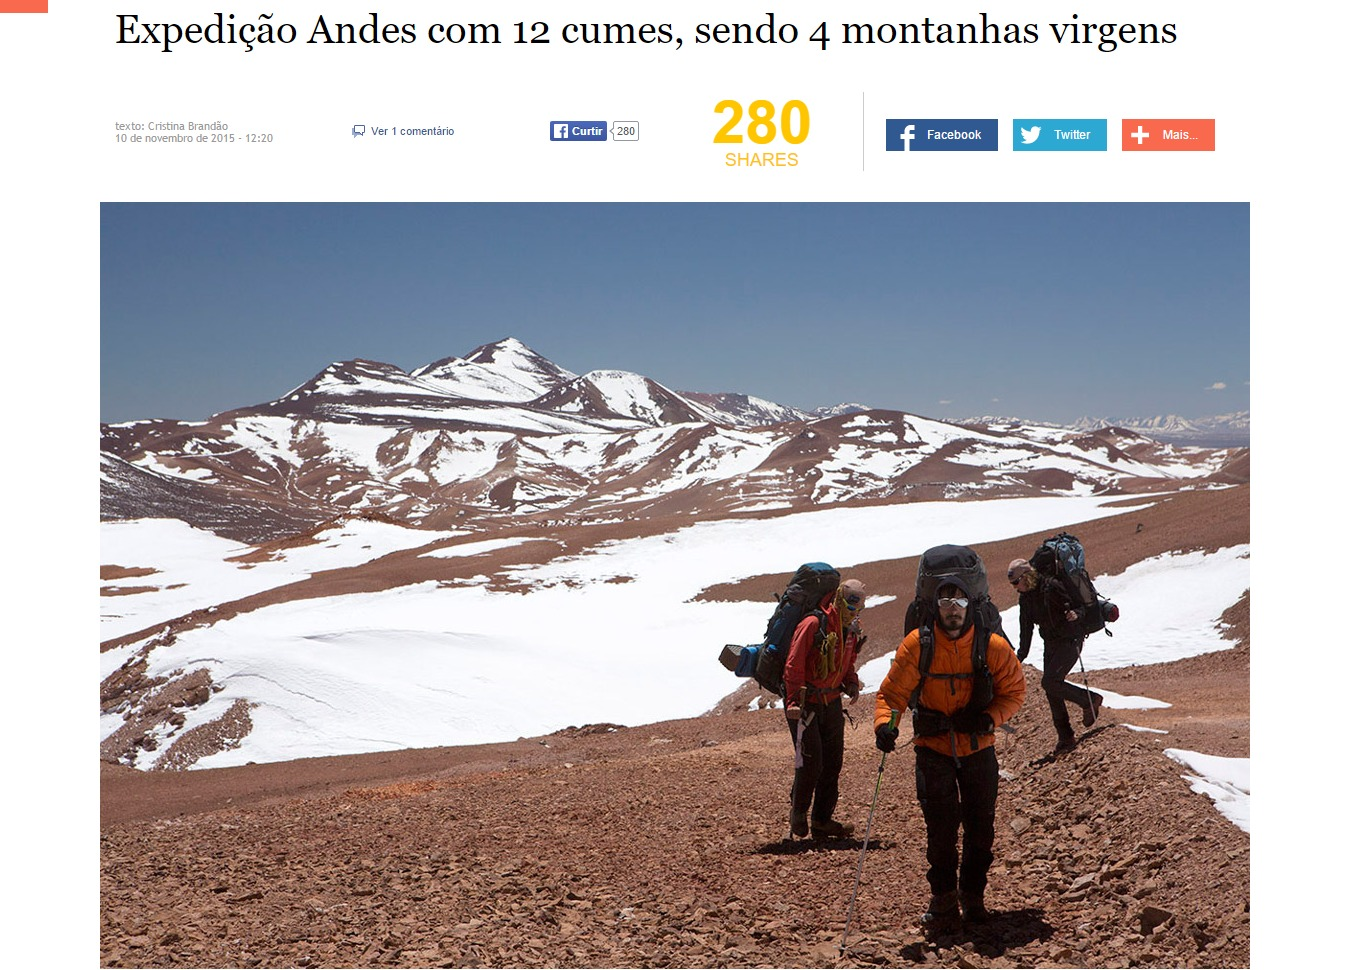 Expedição Andes completa a marca de 12 cumes sendo 4 montanhas virgens